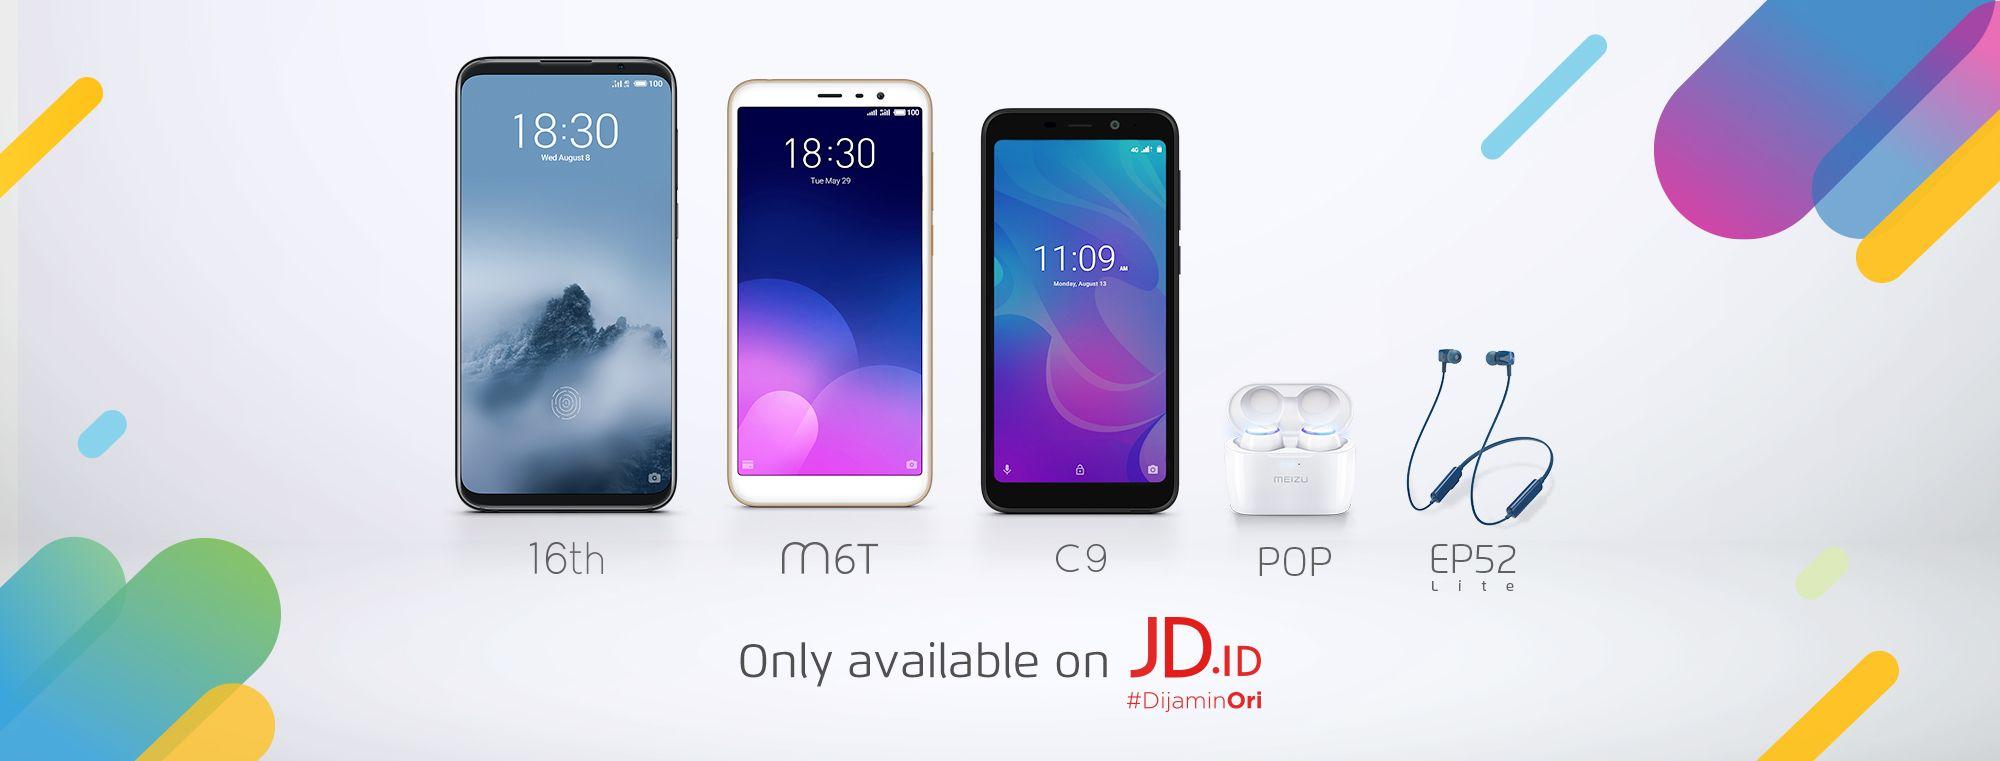 インドネシア市場向けのMeizu C9を10月23日に発売